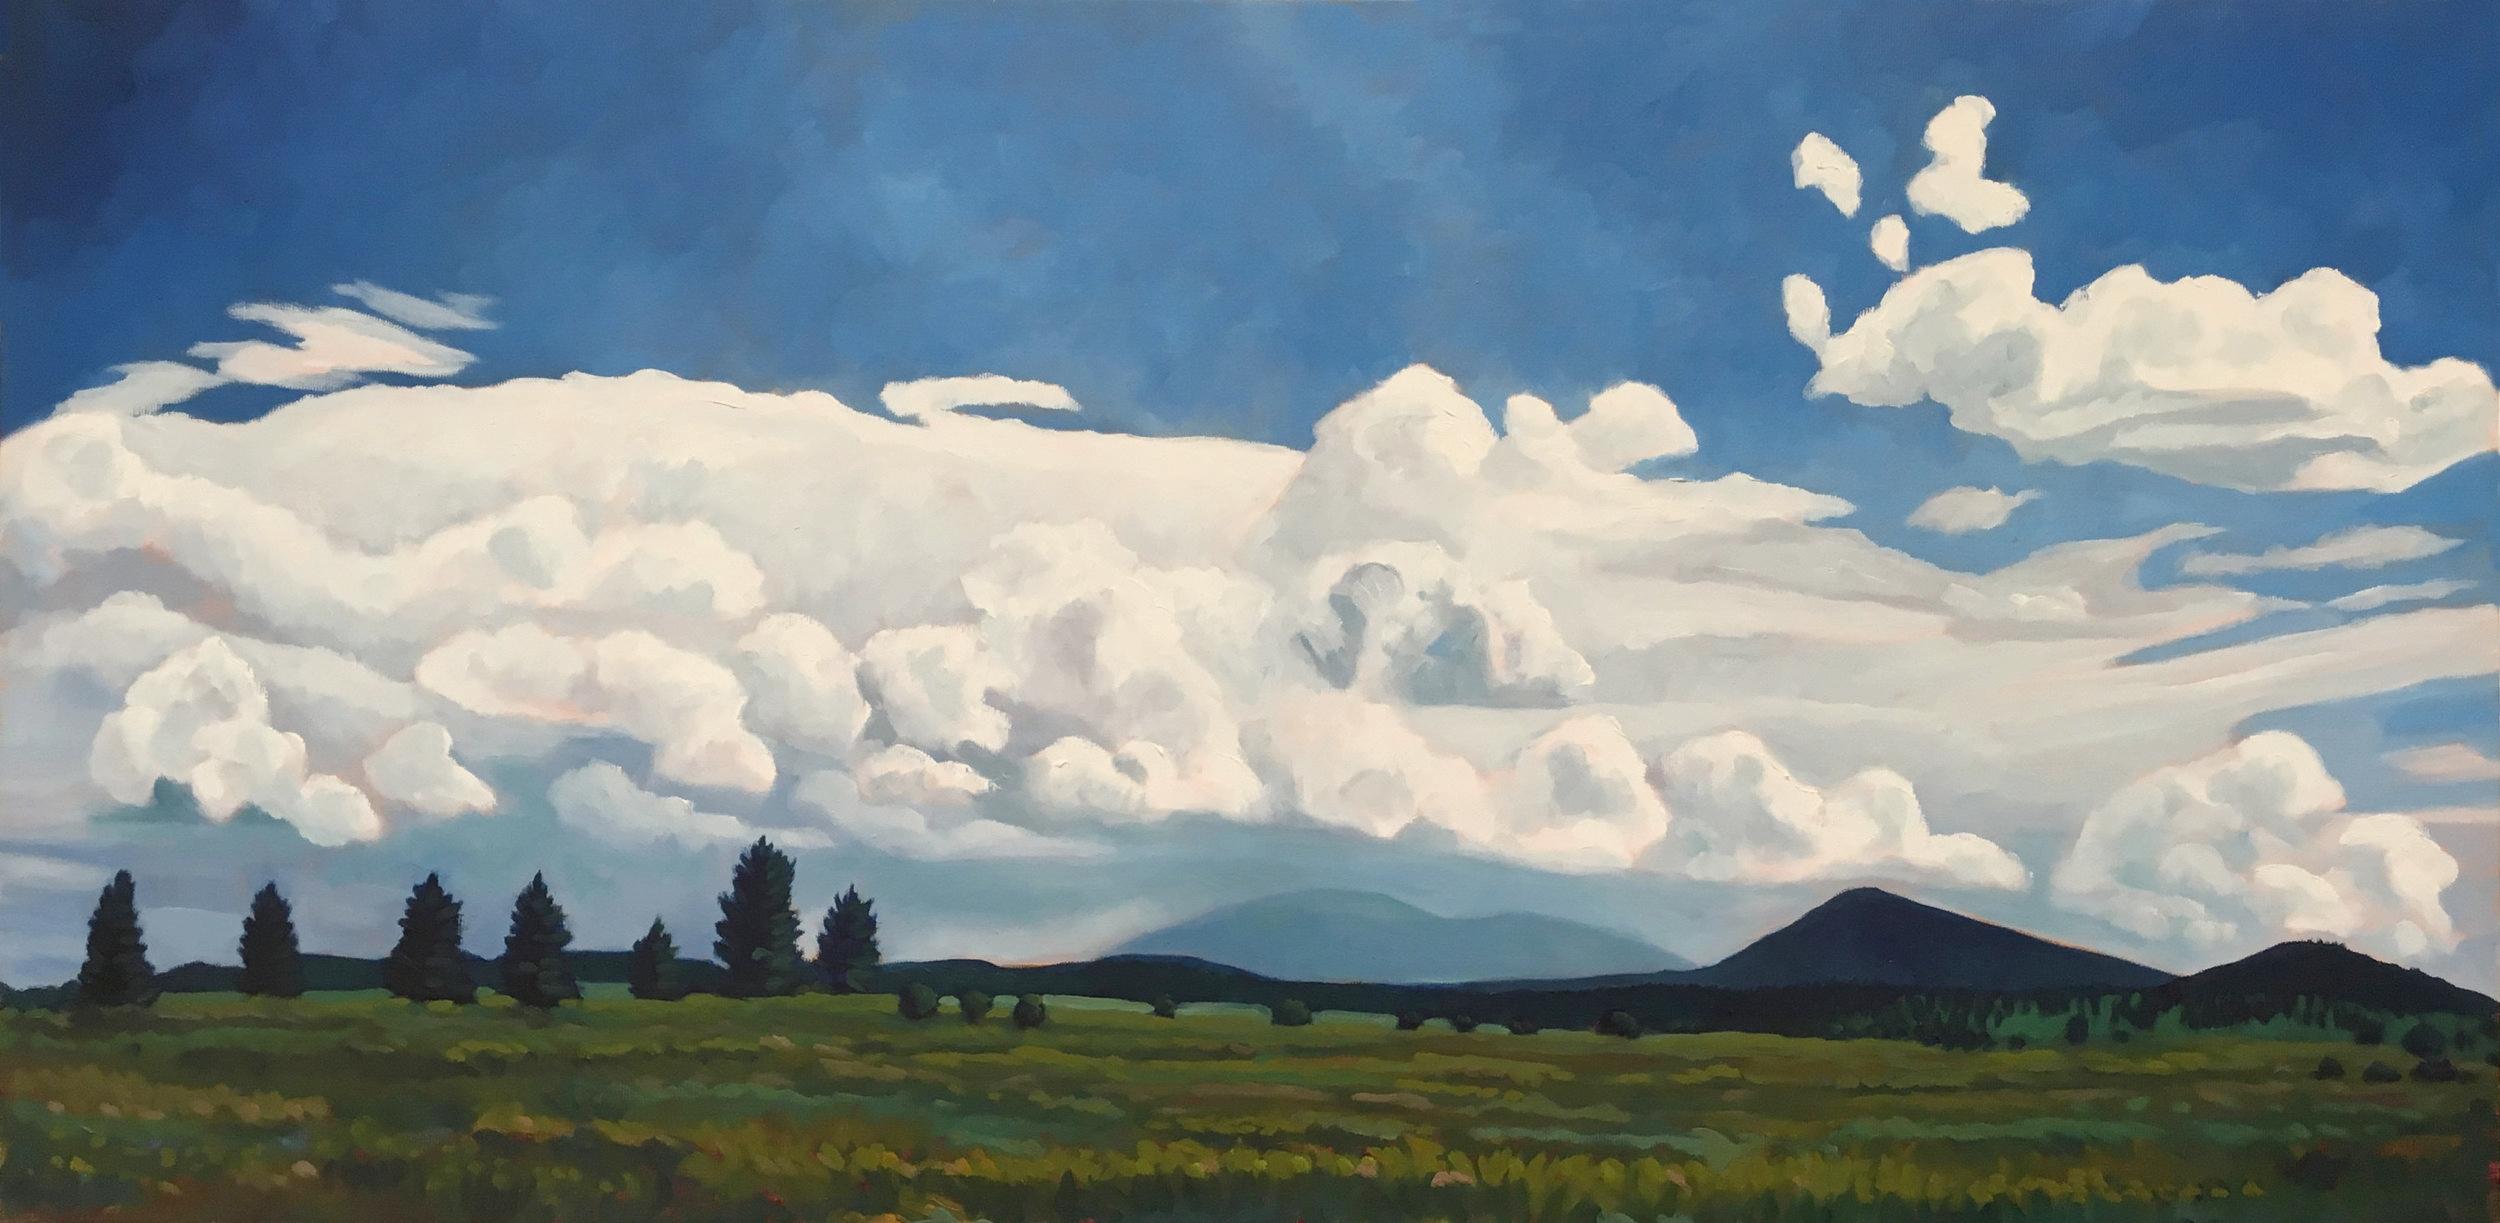 Between Rains II  18x36  Oil on Canvas